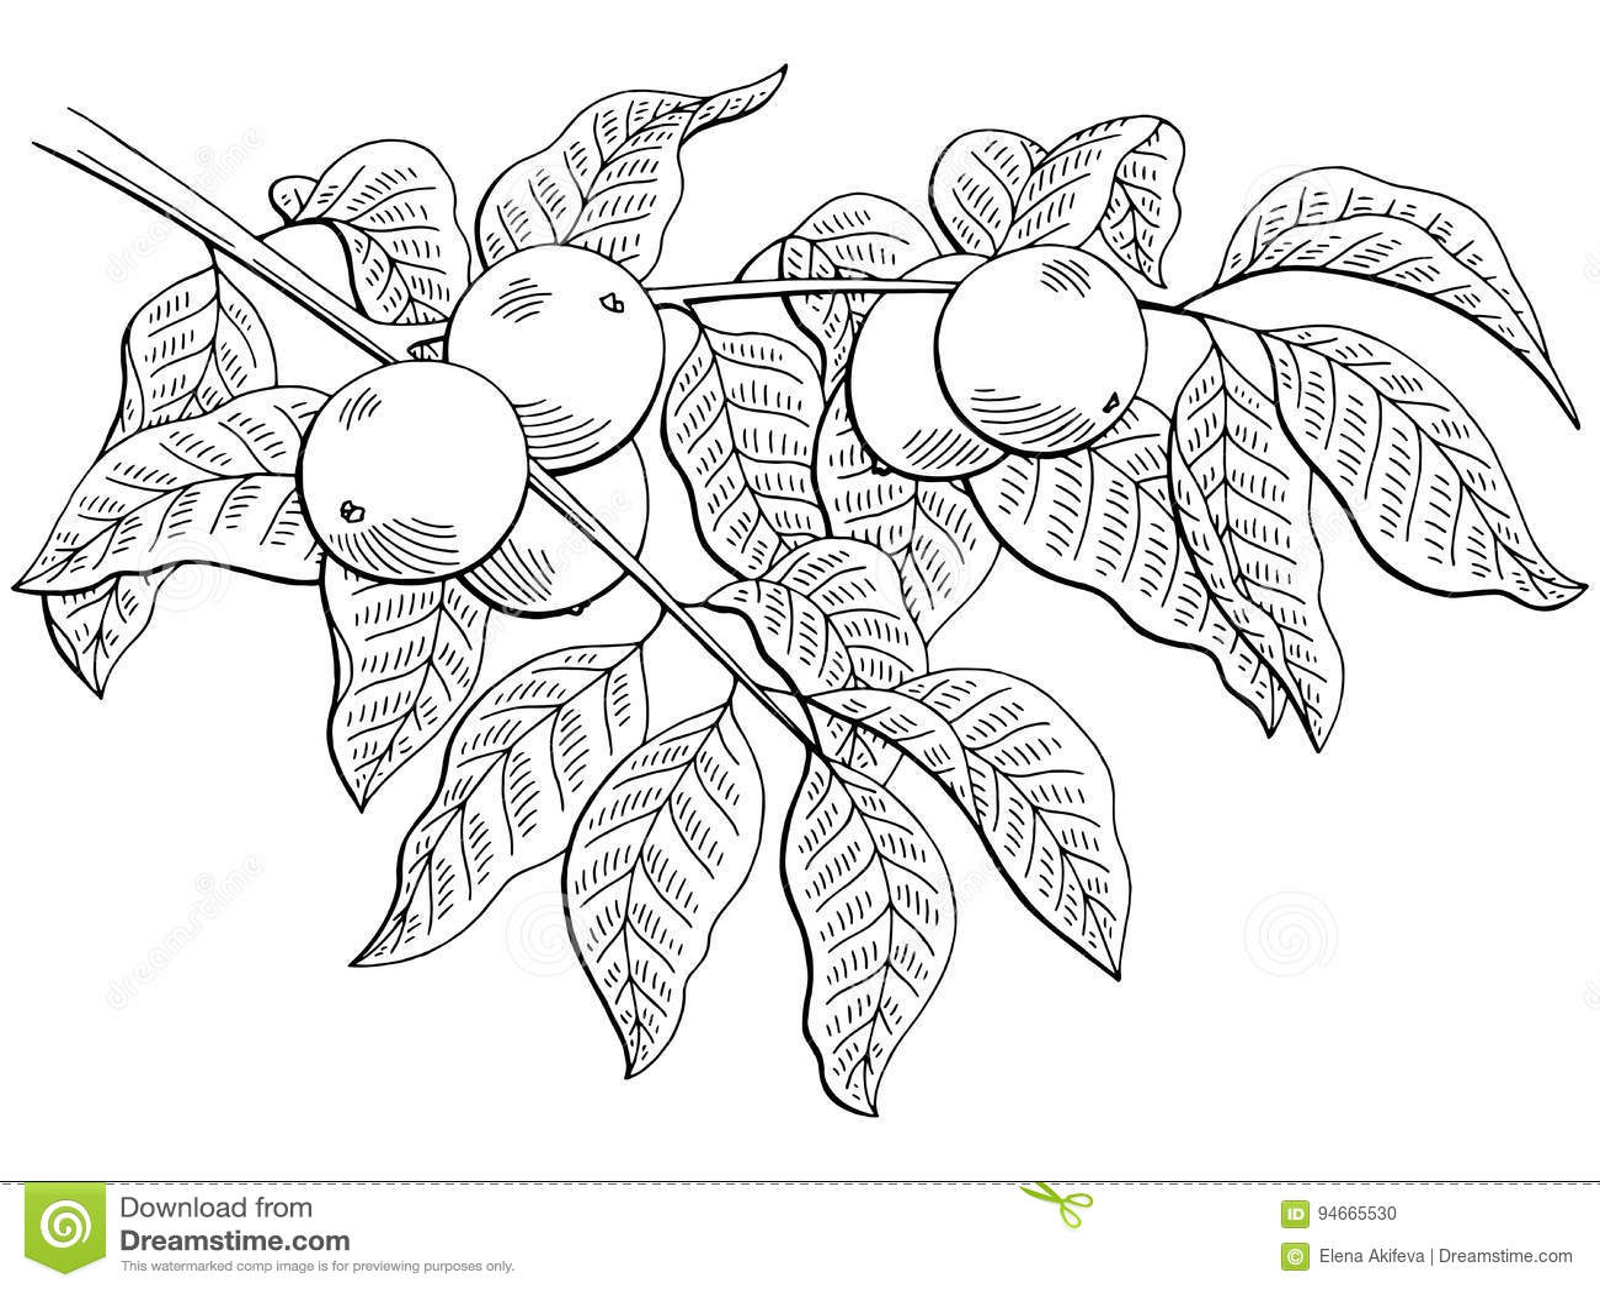 För filialsvart för valnöten skissar isolerad grafisk vit illustrationen